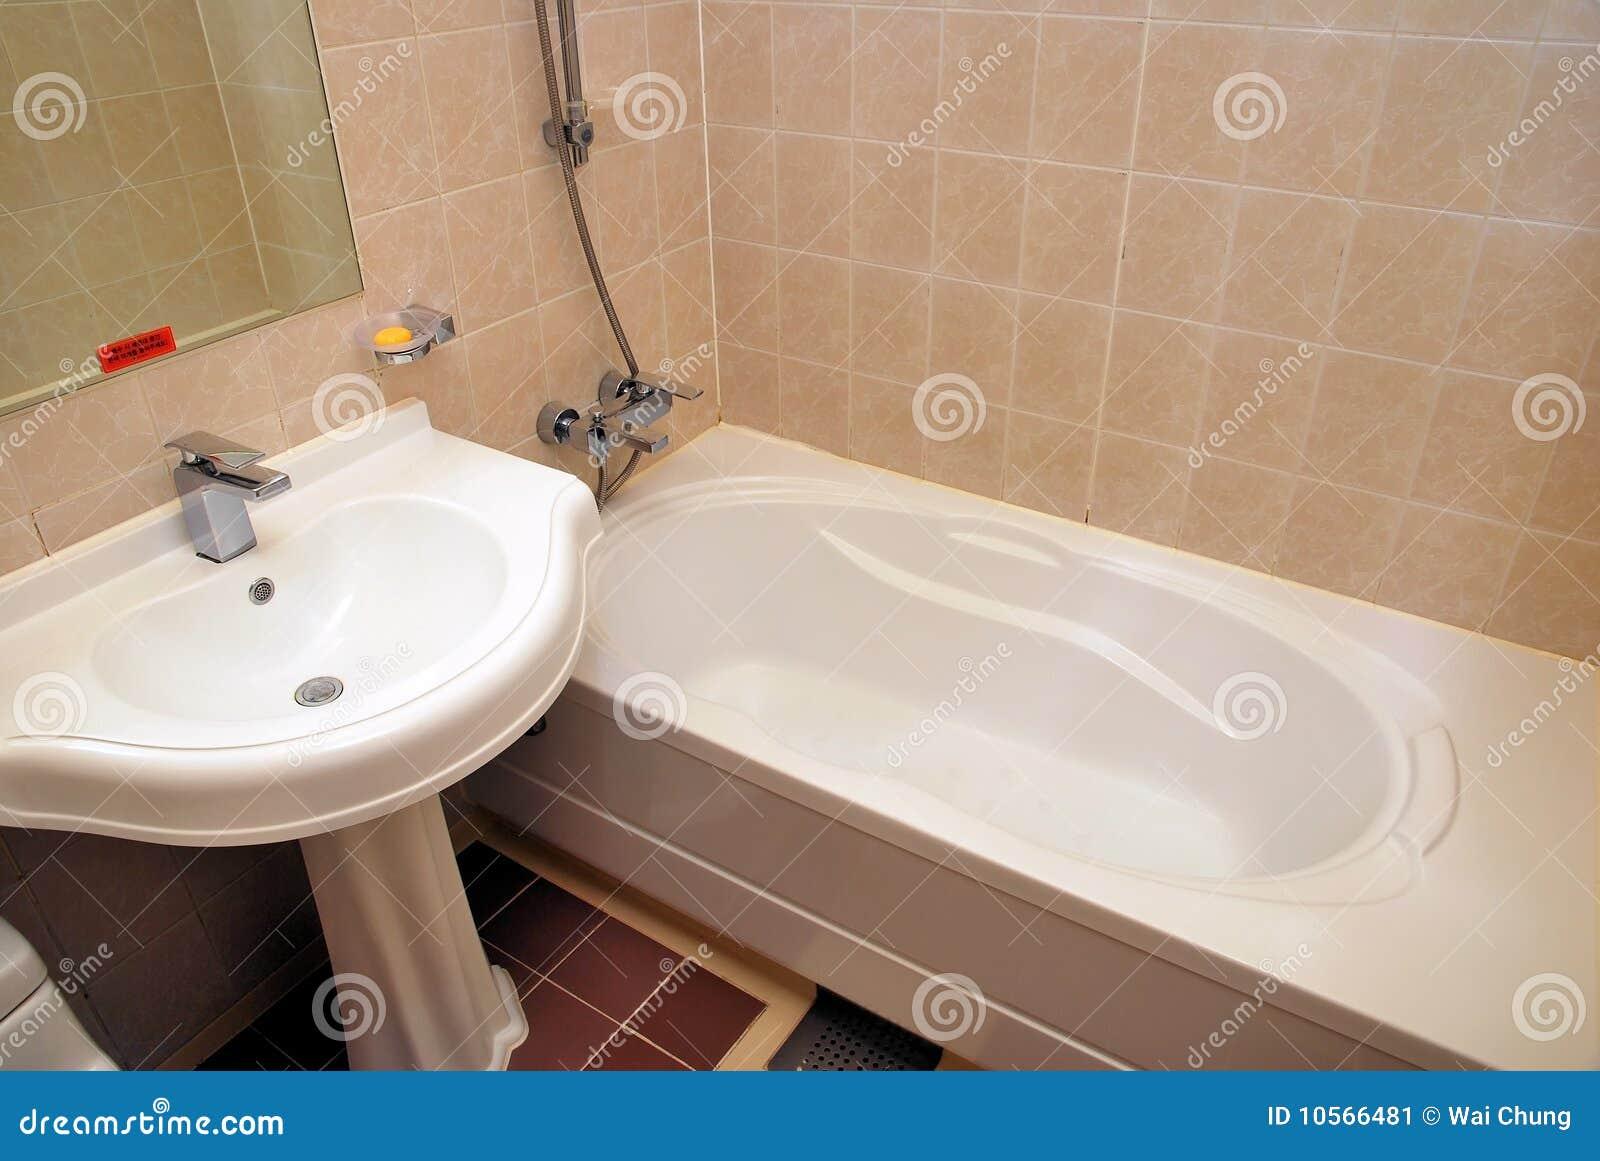 Vasca Da Bagno Per Hotel : Vasca da bagno e lavabo immagine stock immagine di interno